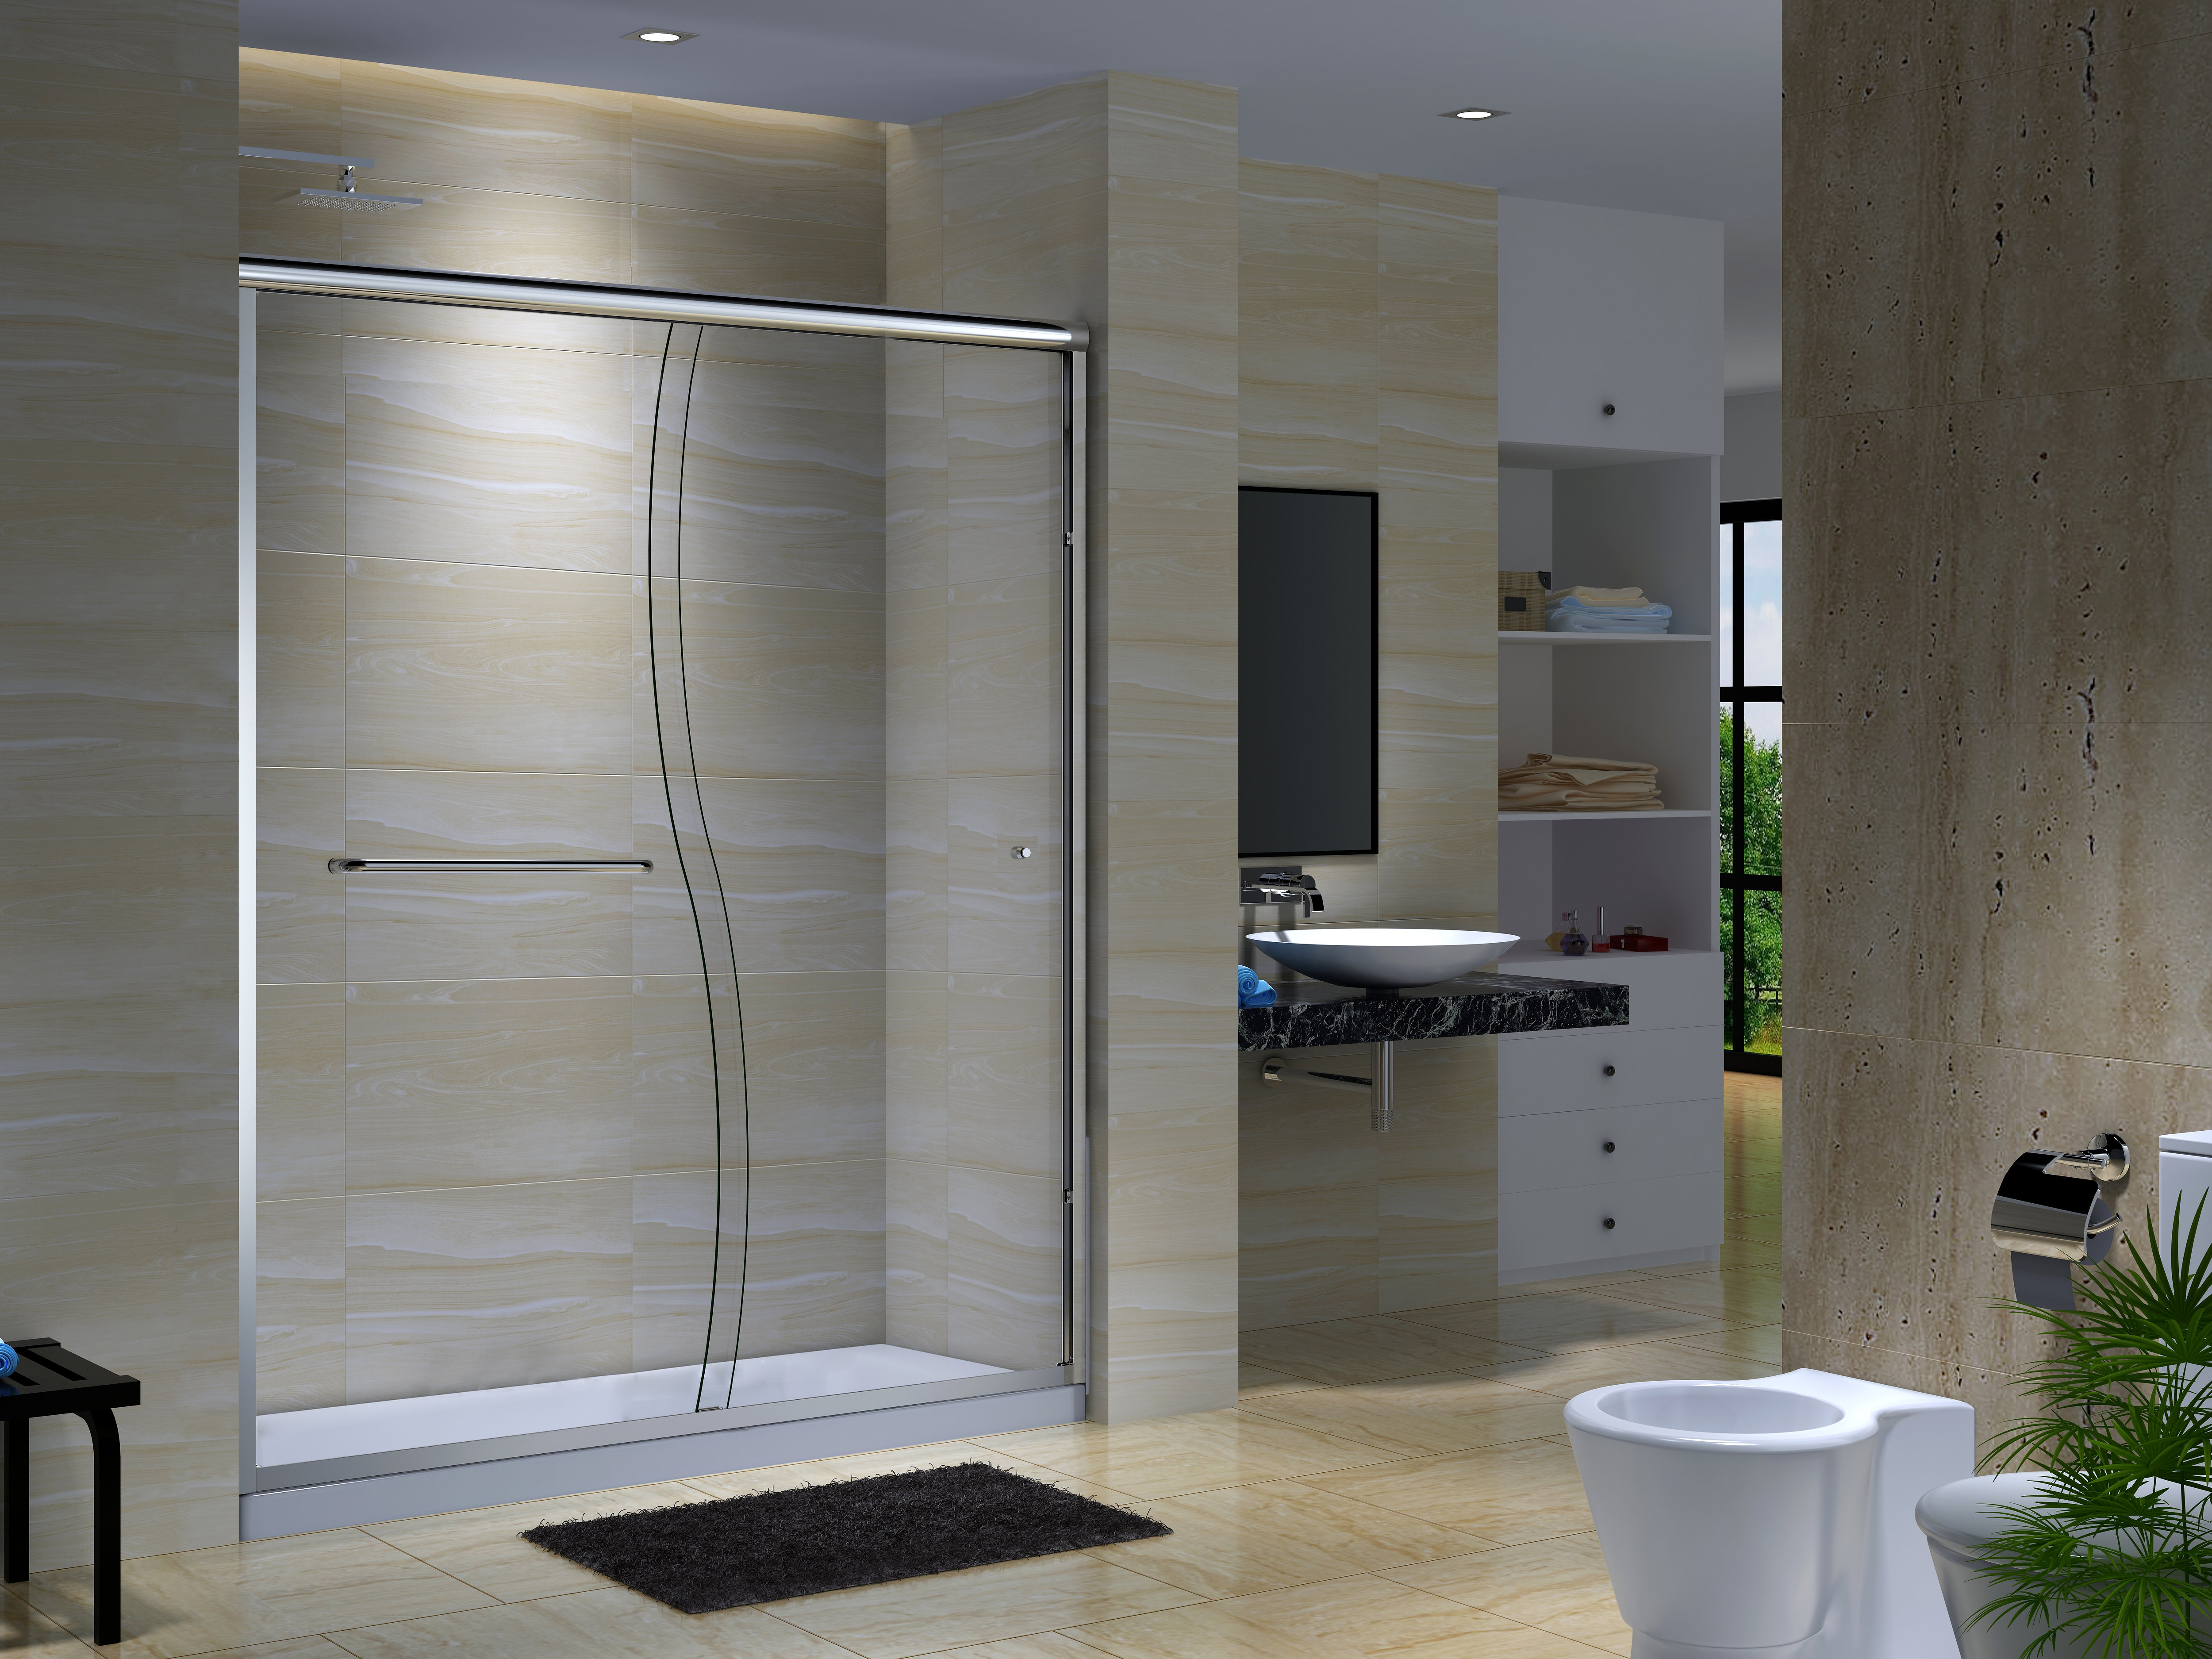 Ck Series 56 To 59 1 2 Semi Frameless Sliding Shower Doors